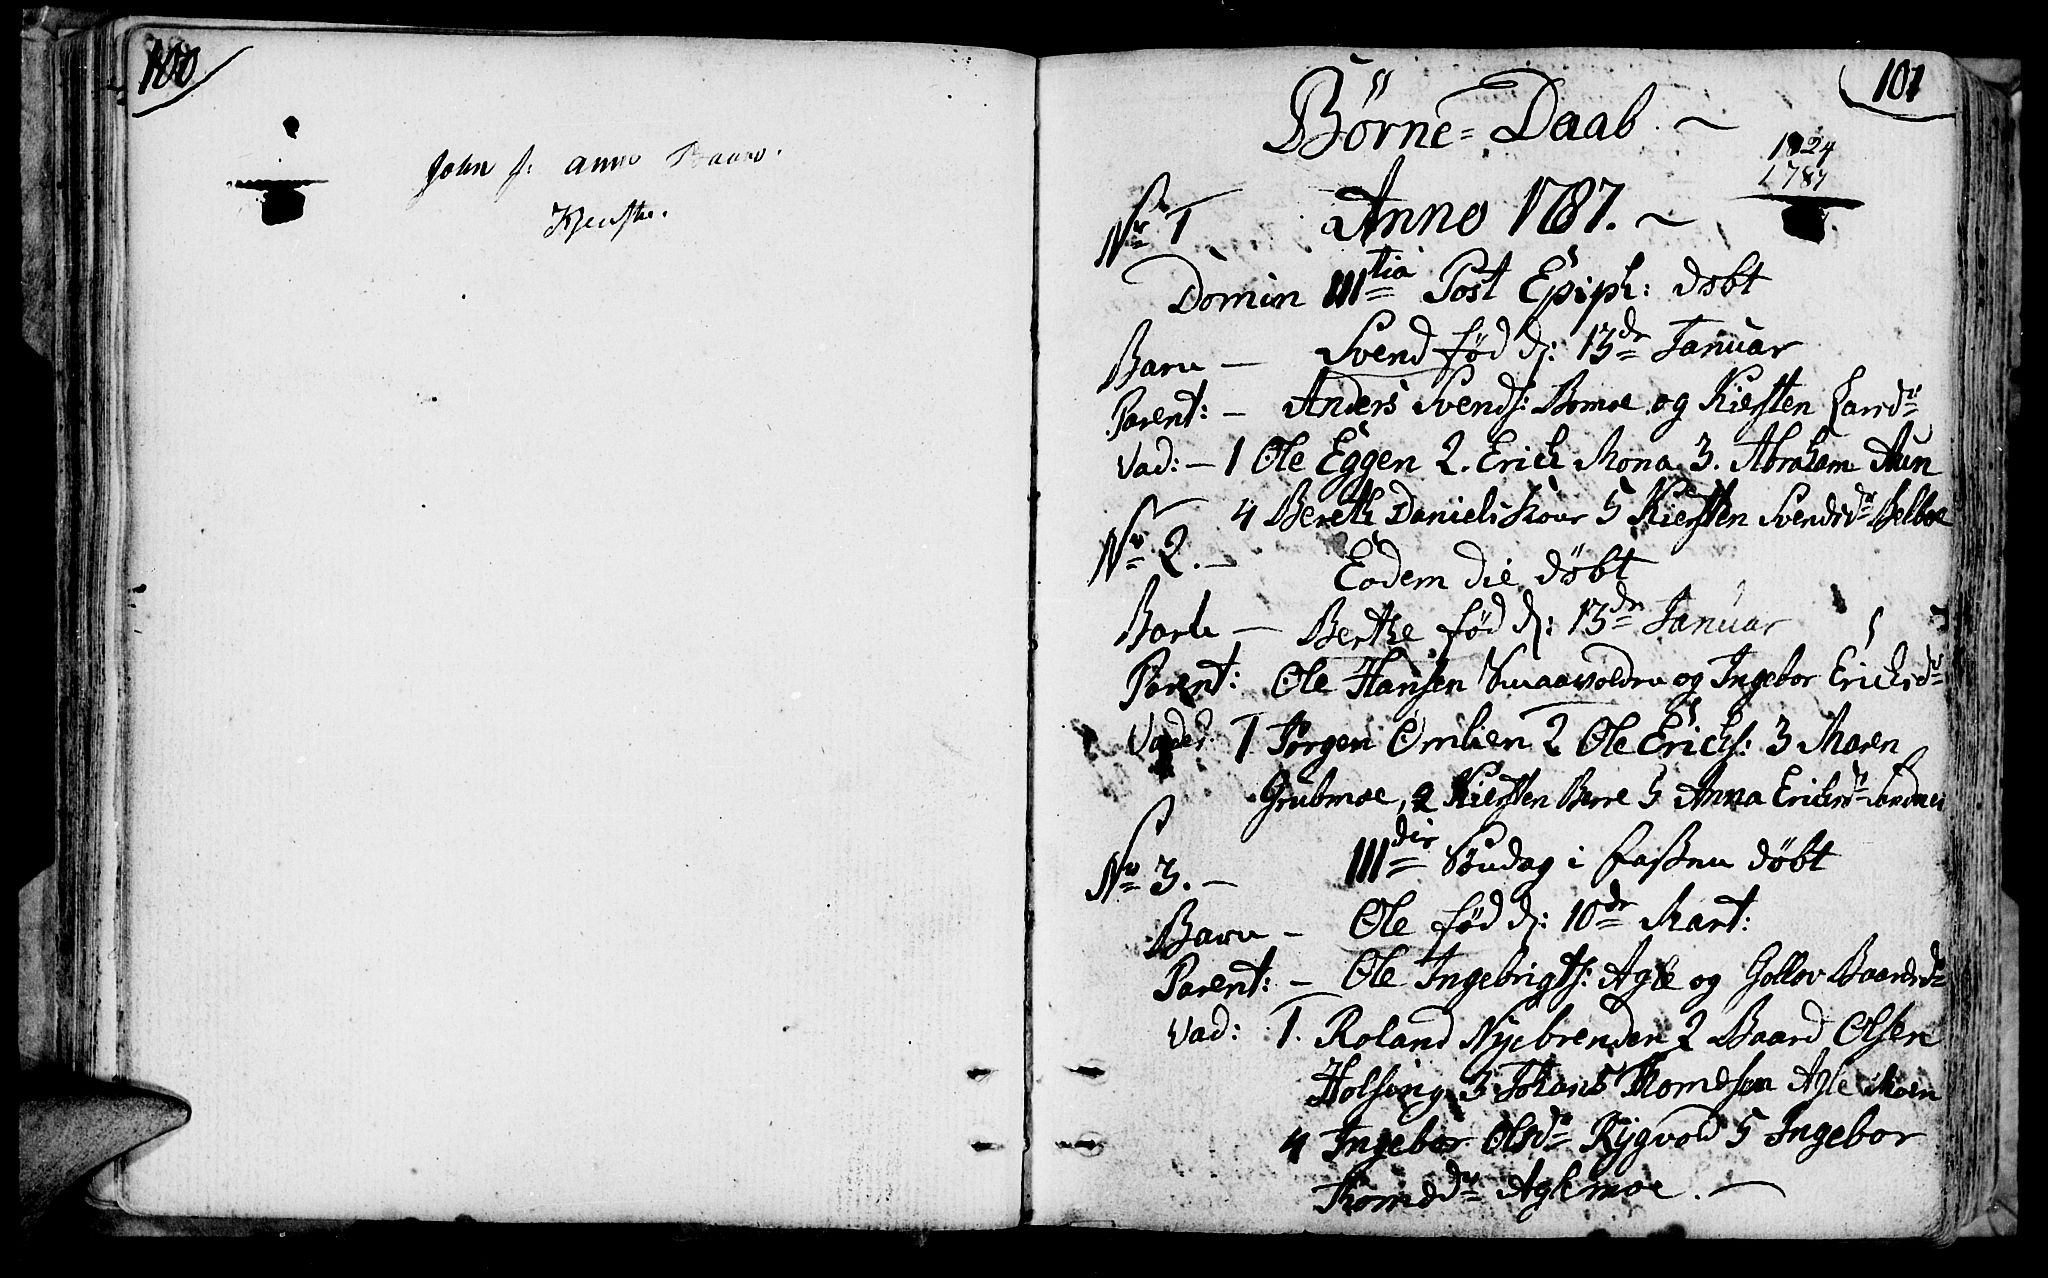 SAT, Ministerialprotokoller, klokkerbøker og fødselsregistre - Nord-Trøndelag, 749/L0468: Ministerialbok nr. 749A02, 1787-1817, s. 100-101